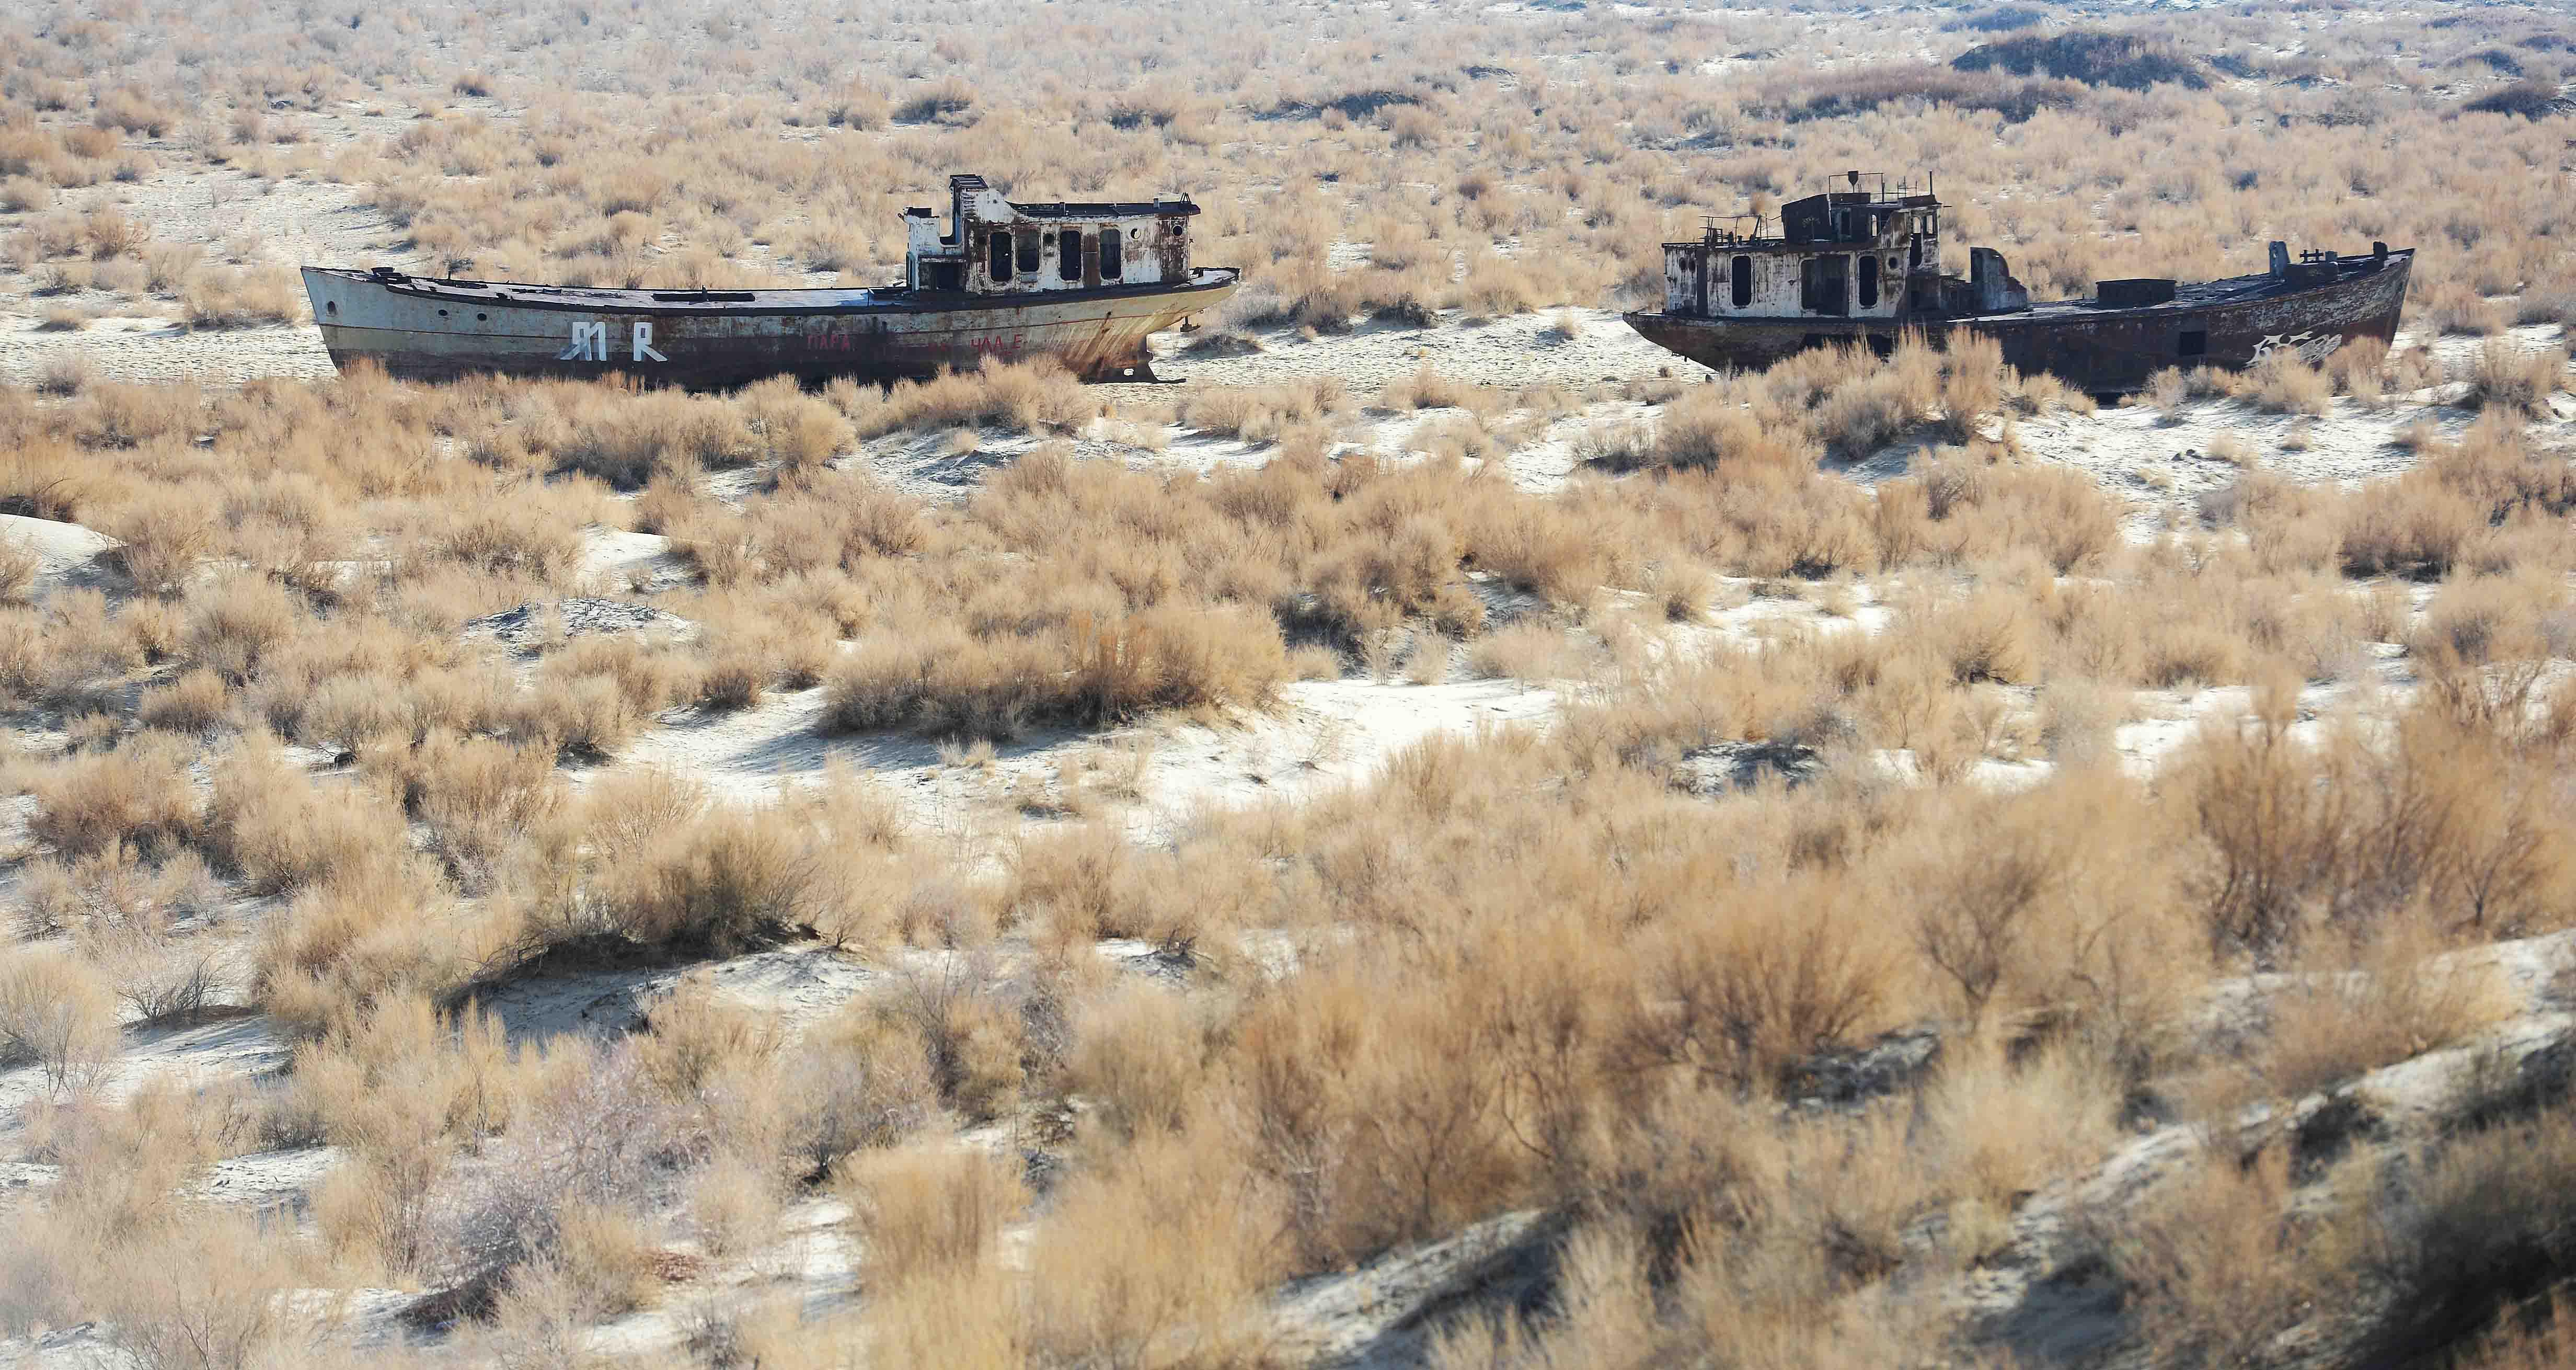 中国の砂漠化防止の経験を「消えゆくアラル海」問題に生かす